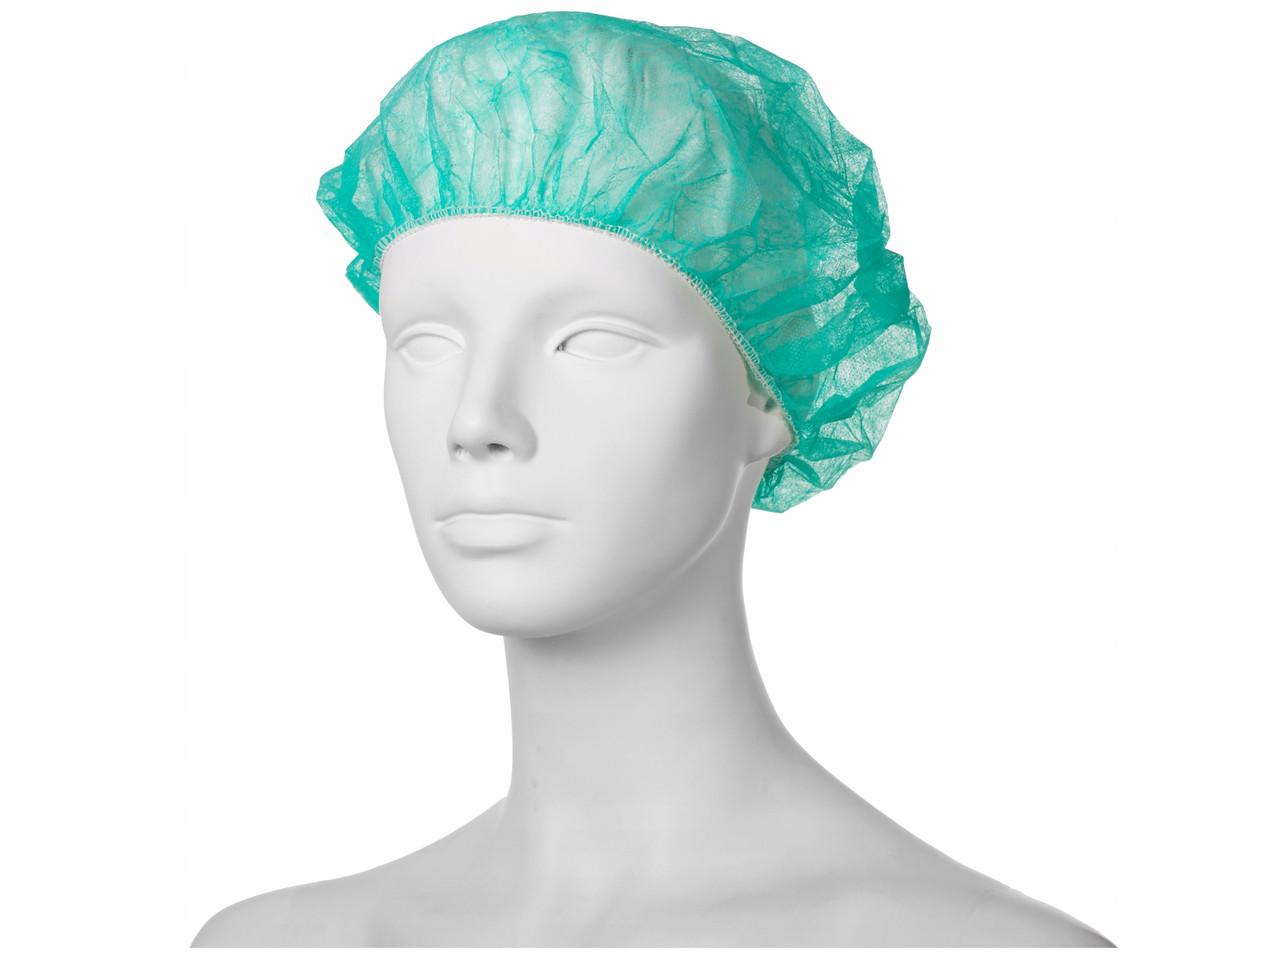 Шапочка медицинская MED COMFORT Ampri 100 шт одноразовая зеленая М